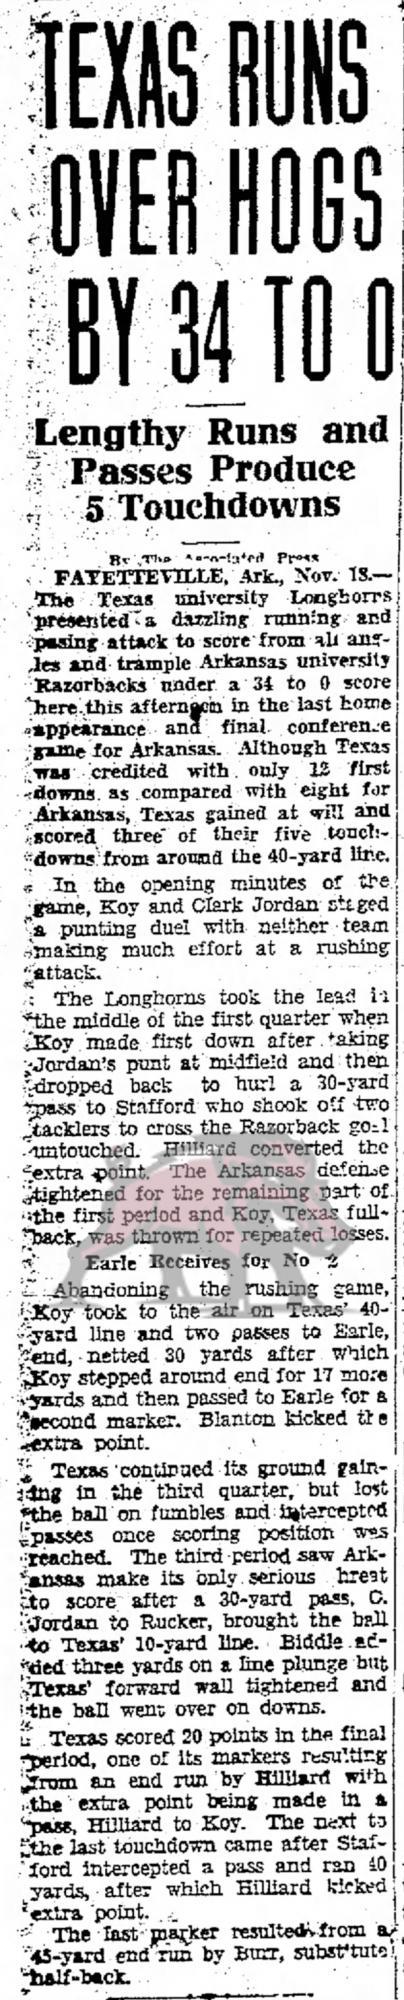 1932-11-19 Abilene_Reporter_News_Sat__Nov_19__1932 p. 2 Game 14